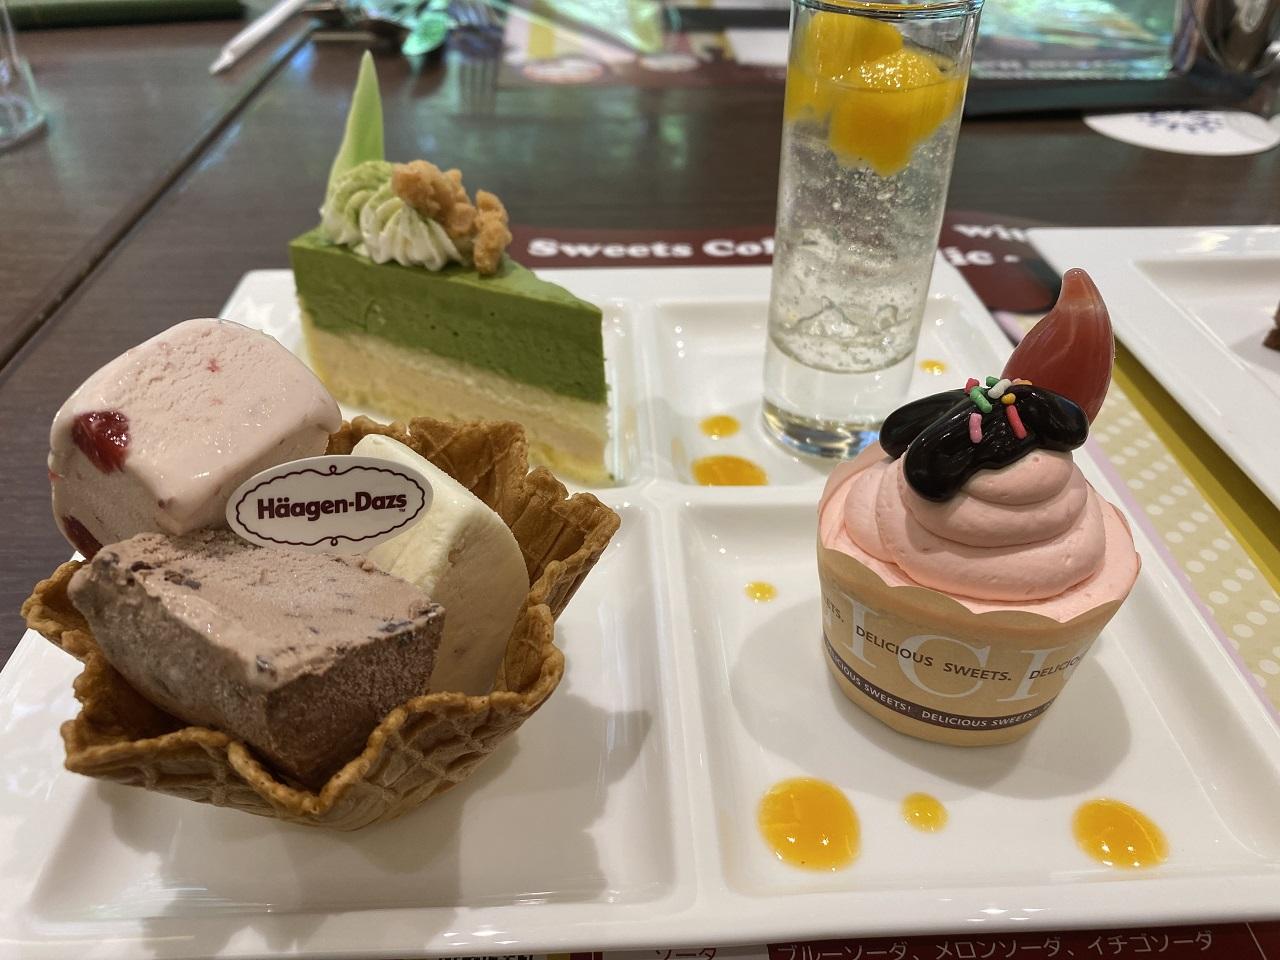 抹茶ムースやカップケーキ